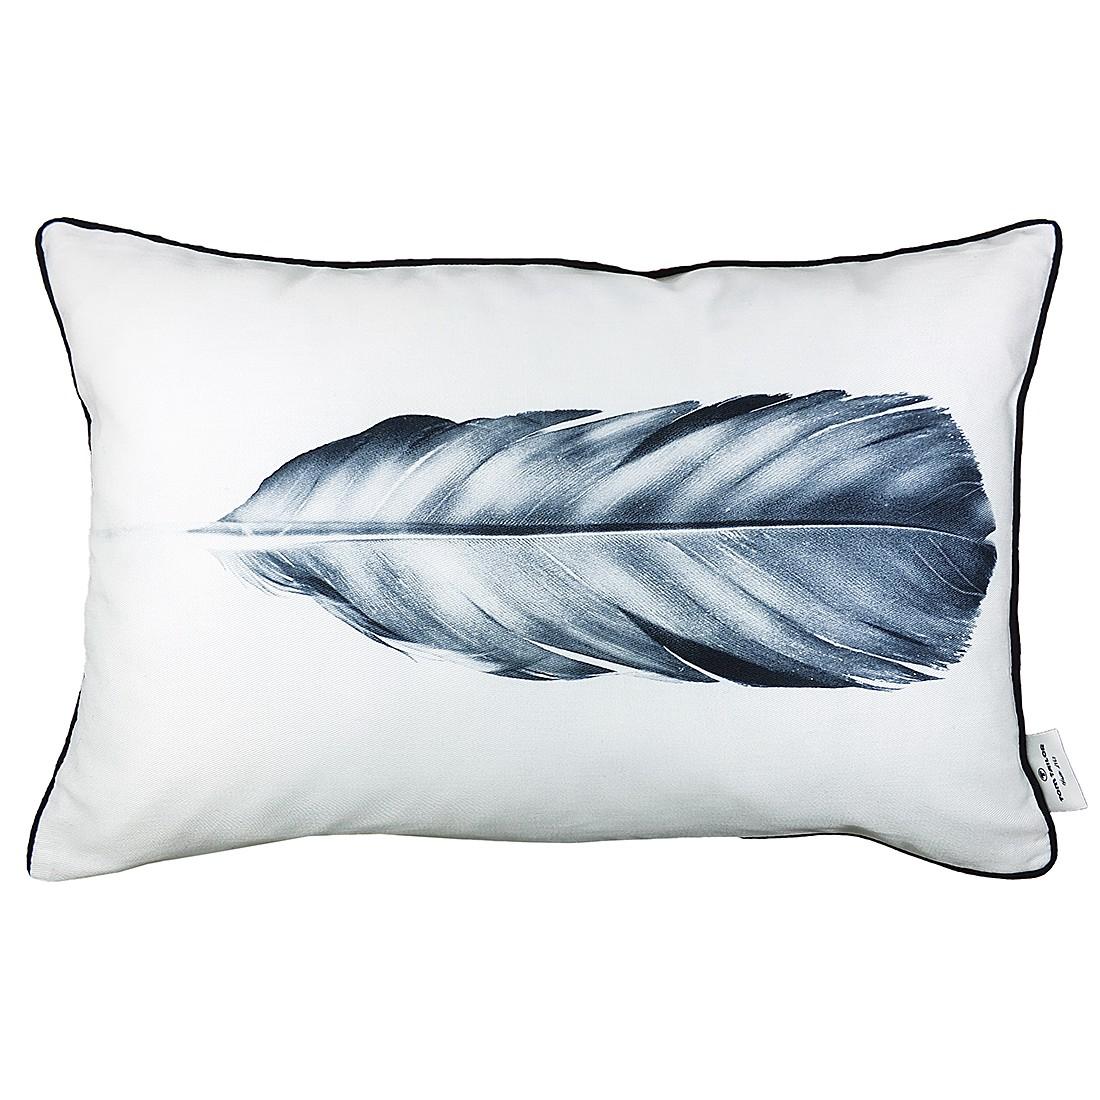 Kissenhülle T-Grey Feather – Weiss / Grau, Tom Tailor günstig online kaufen